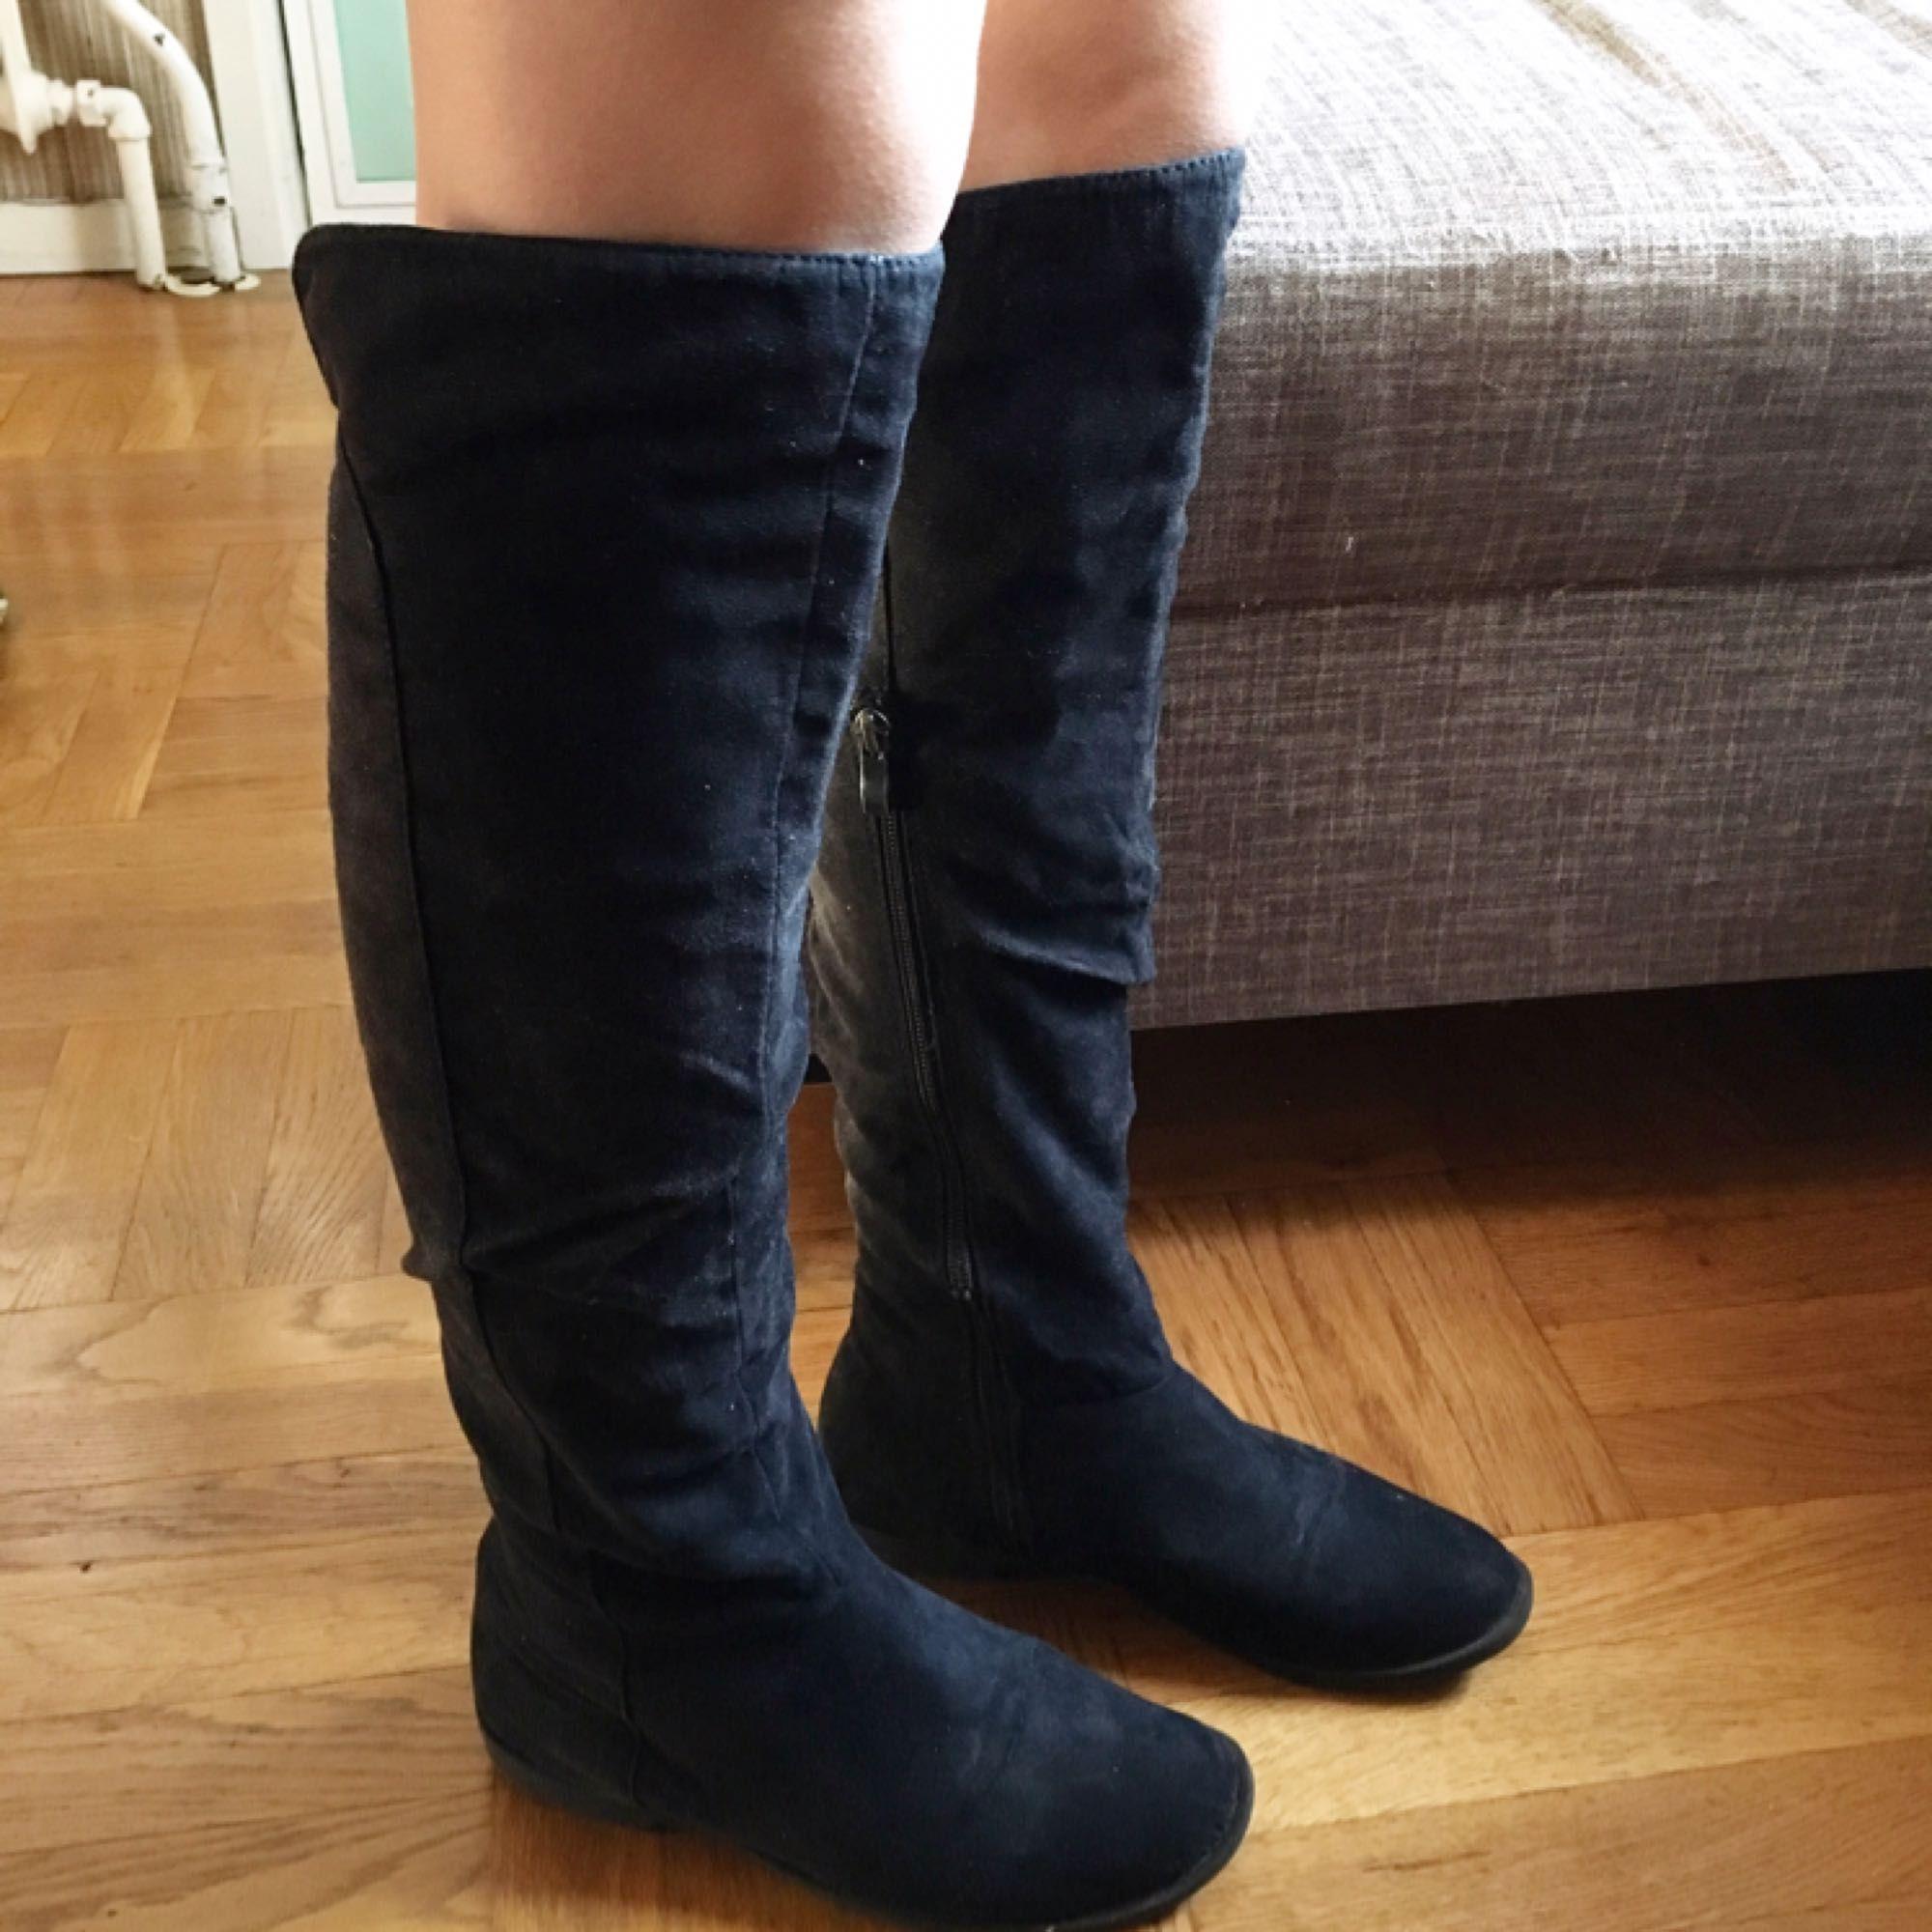 b480d903fa4 Svårt att ta rättvisa bilder men Overknee boots utan klack. Super skön till  vardags. Svårt att ta rättvisa bilder men